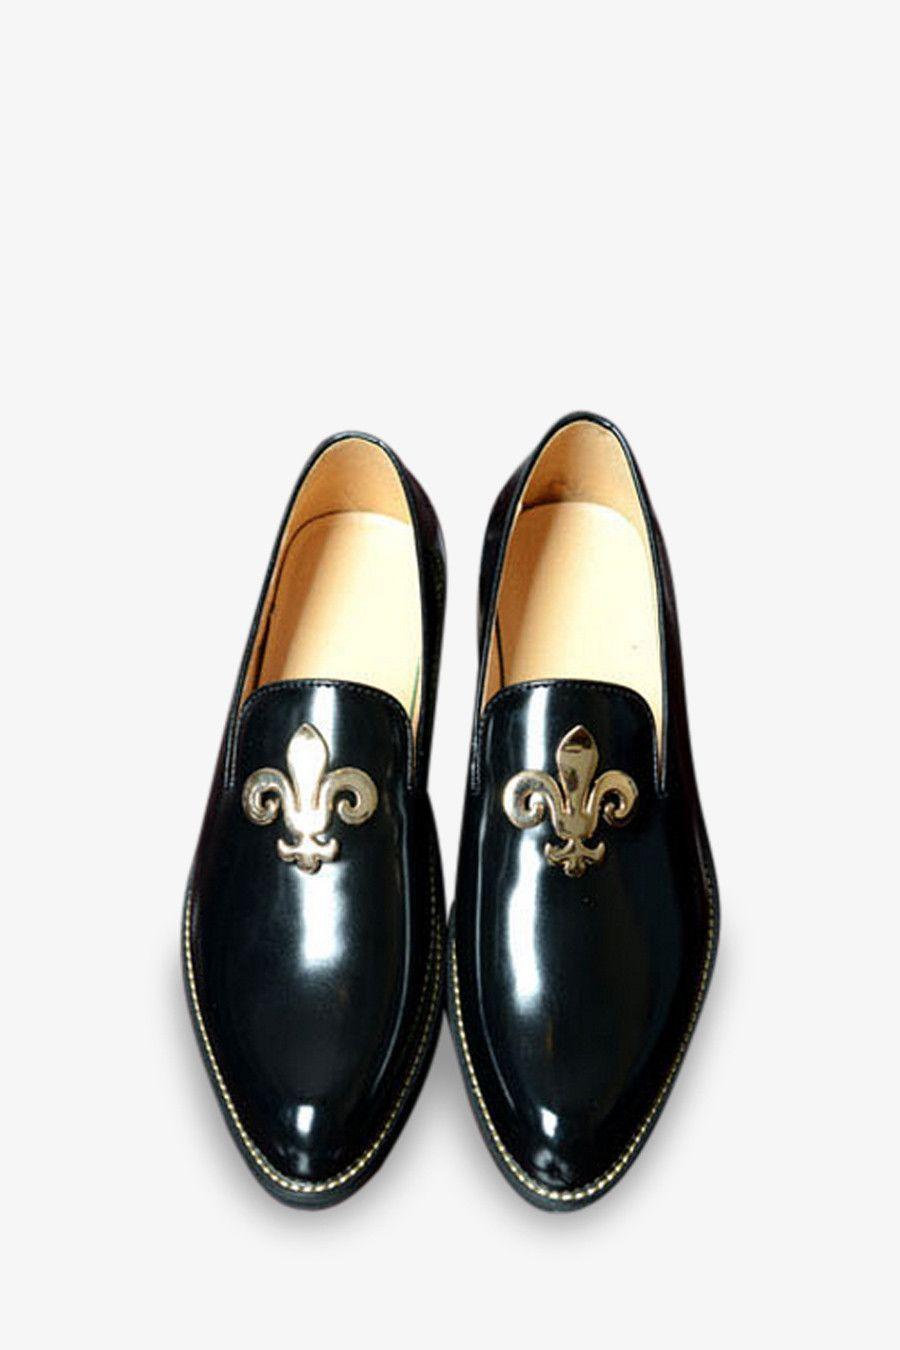 8cc2e83298e Patent Leather Loafers In Black in 2019